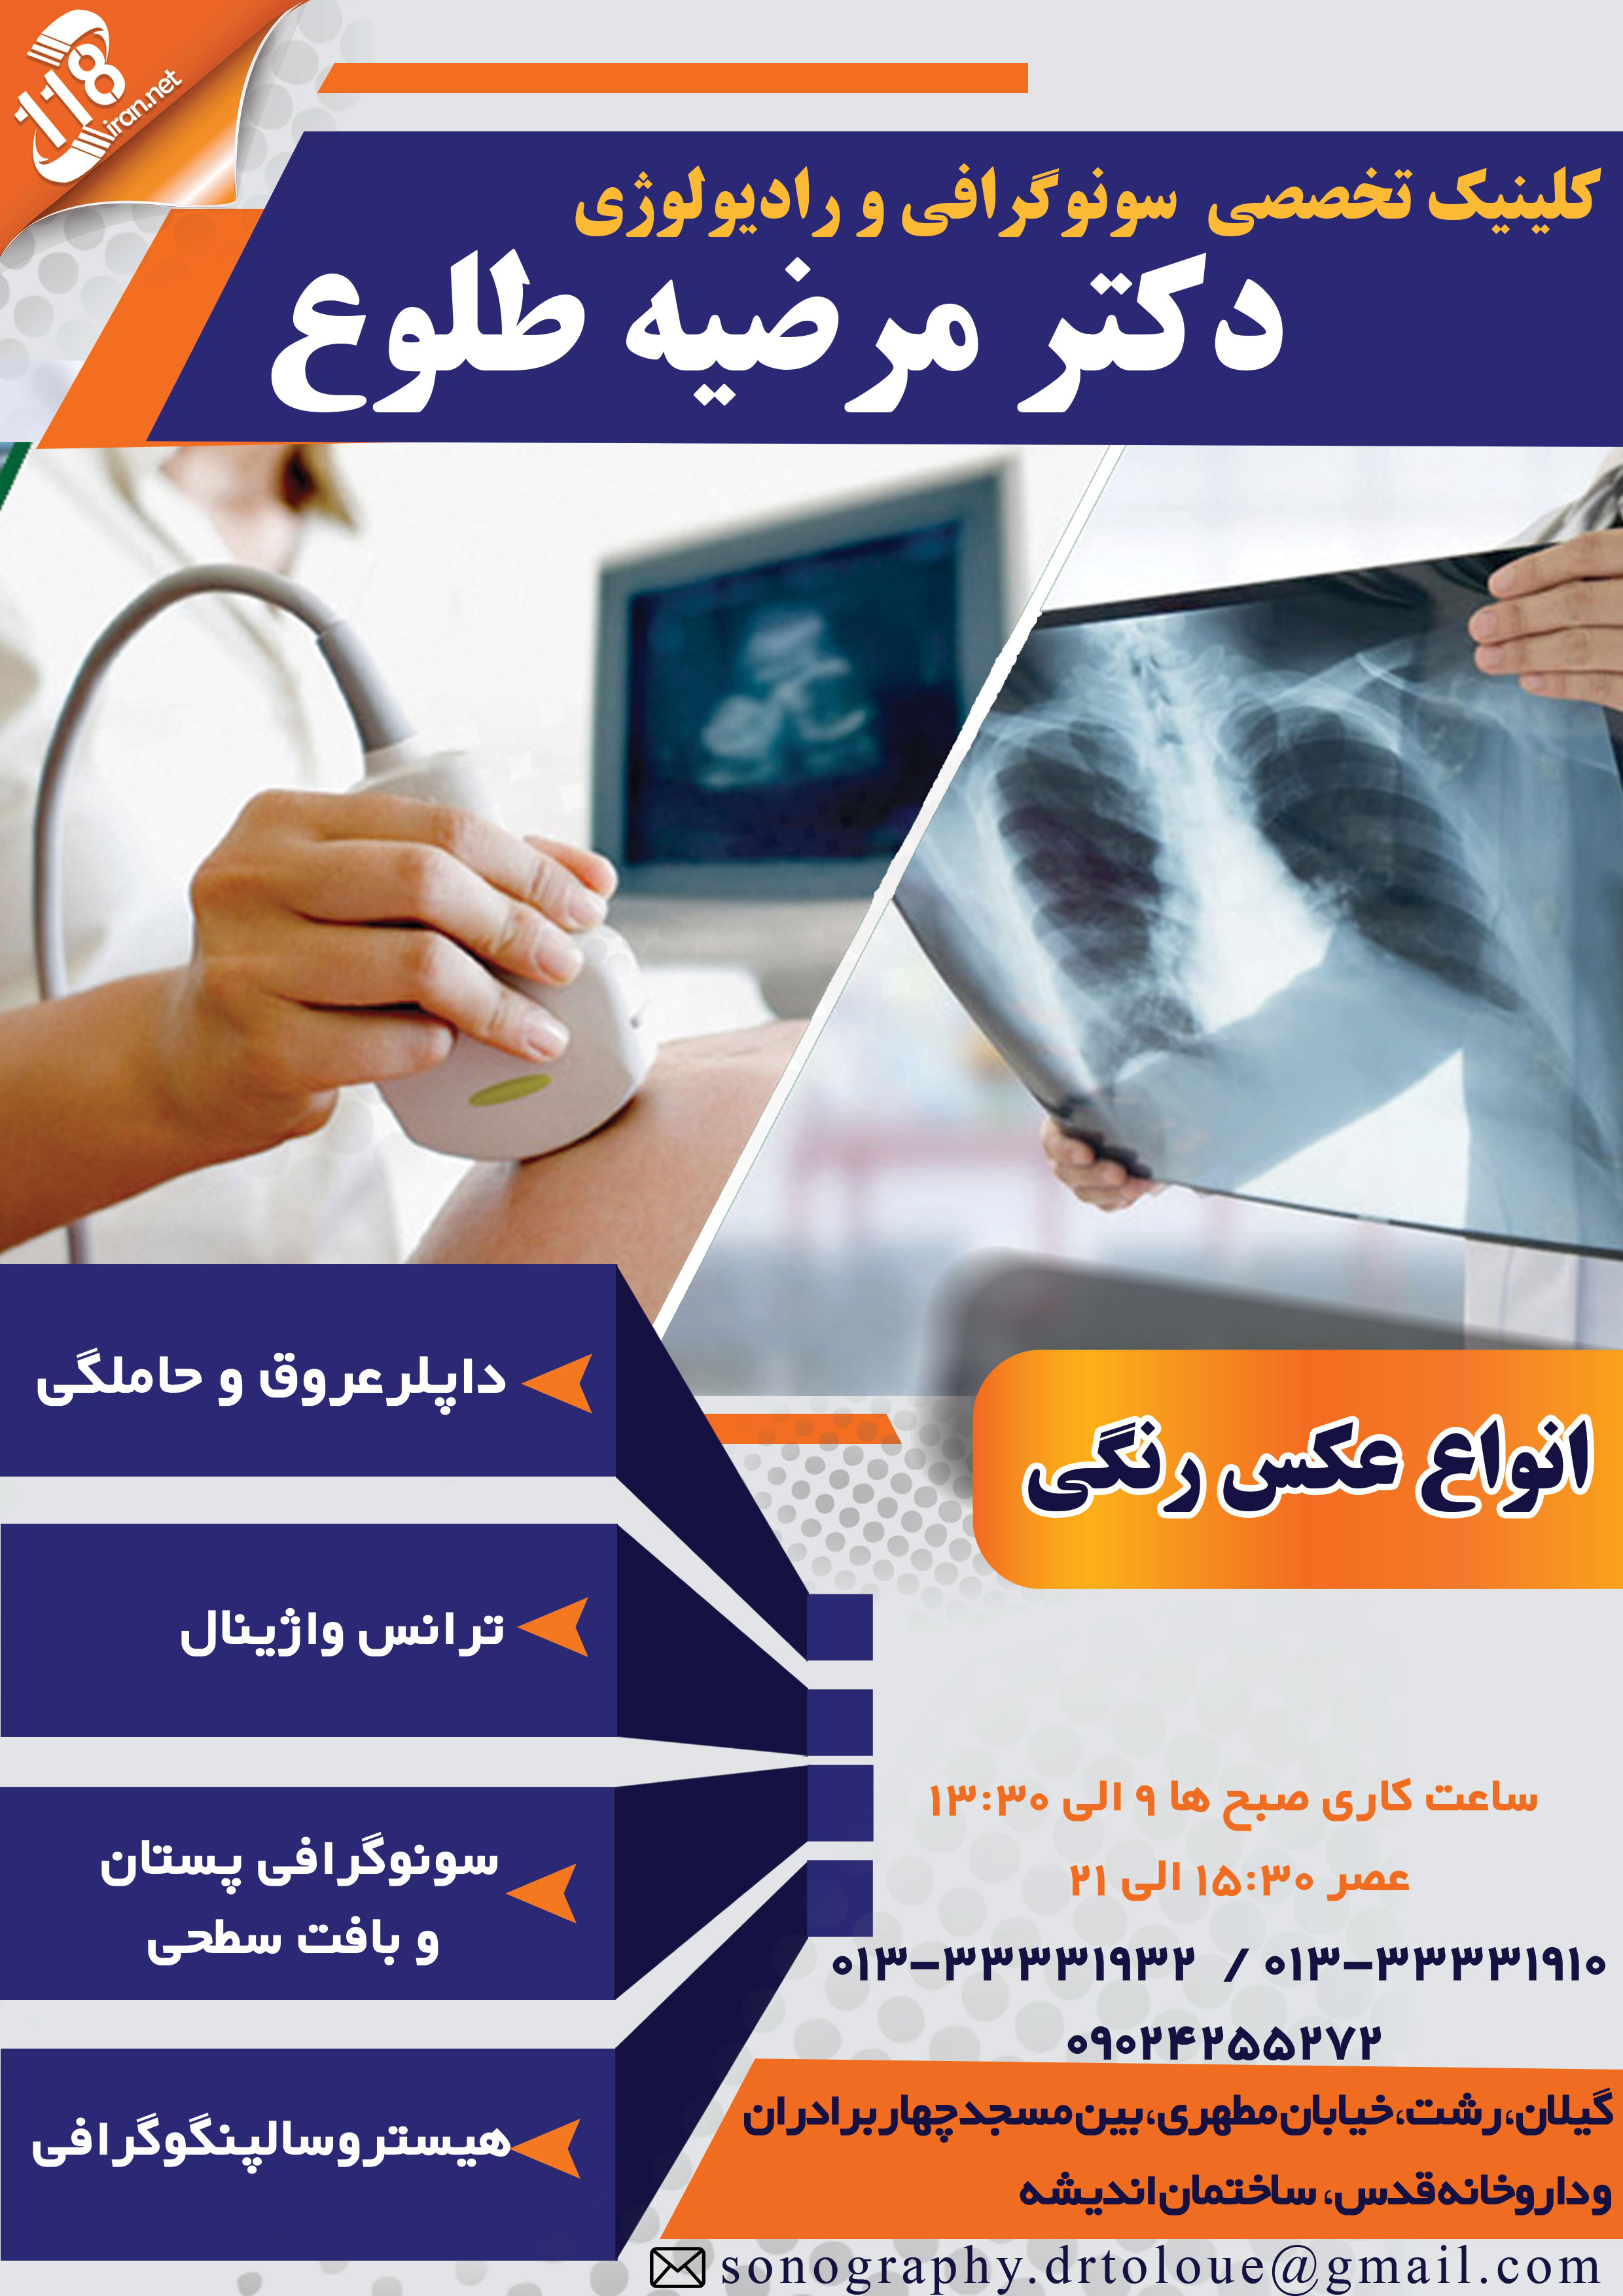 کلینیک رادیولوژی دکتر طلوع